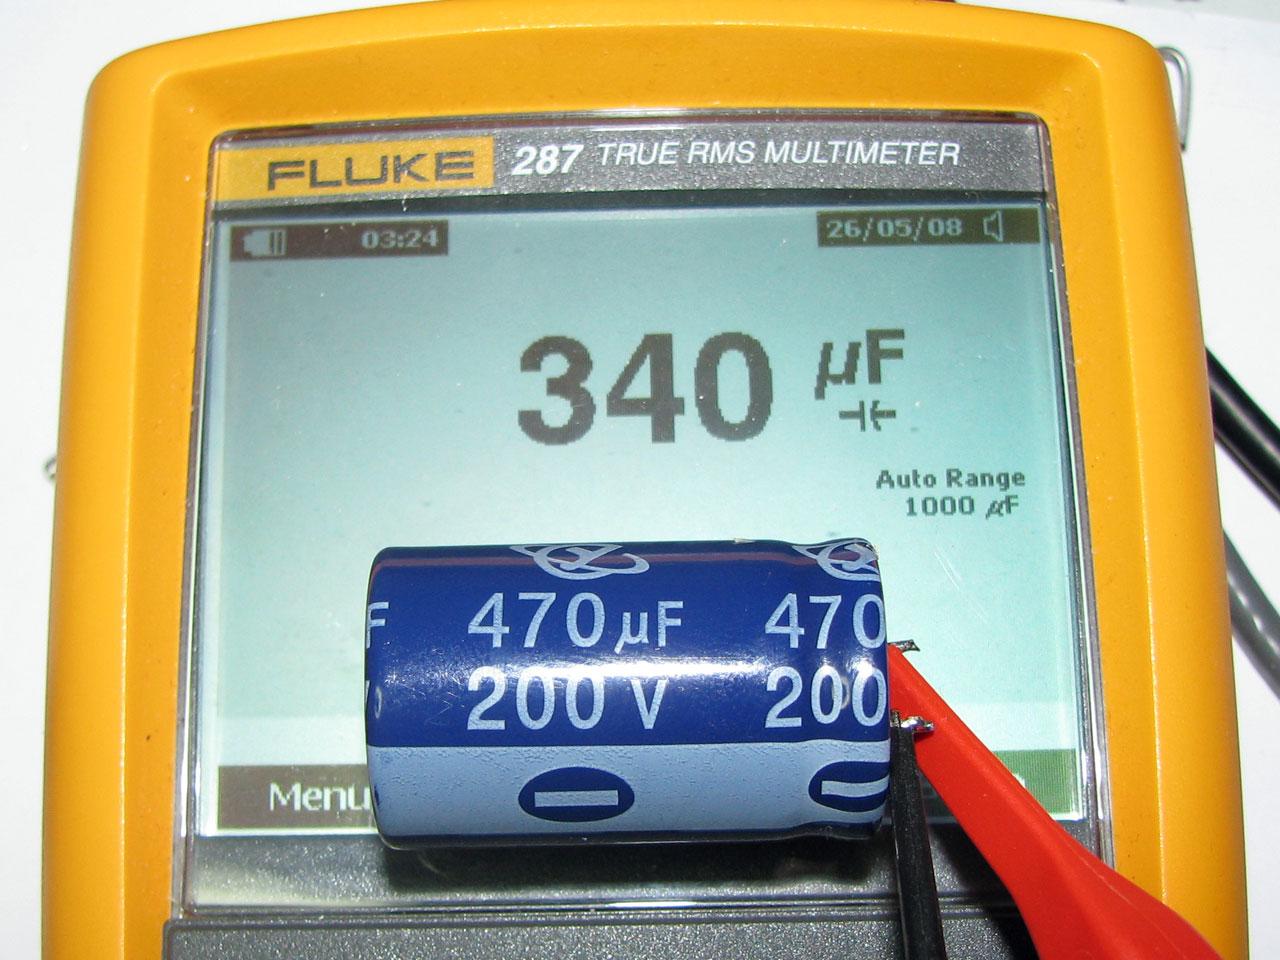 Advance atx 5000 heden psx a830 page 2 sur 2 cpc for Comment tester un condensateur